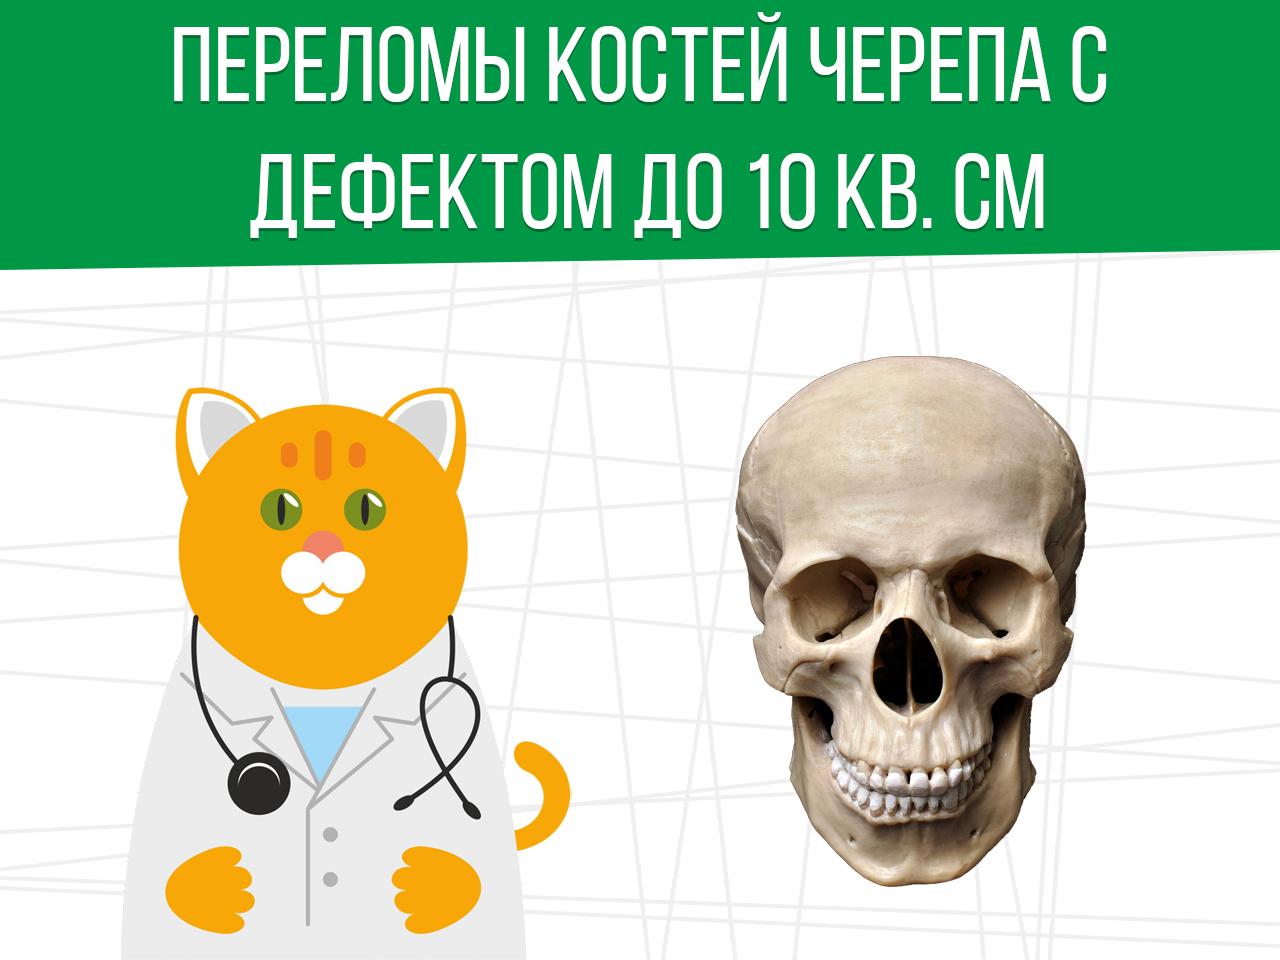 Переломы костей черепа с дефектом до 10 кв. см: годен ли в армию?